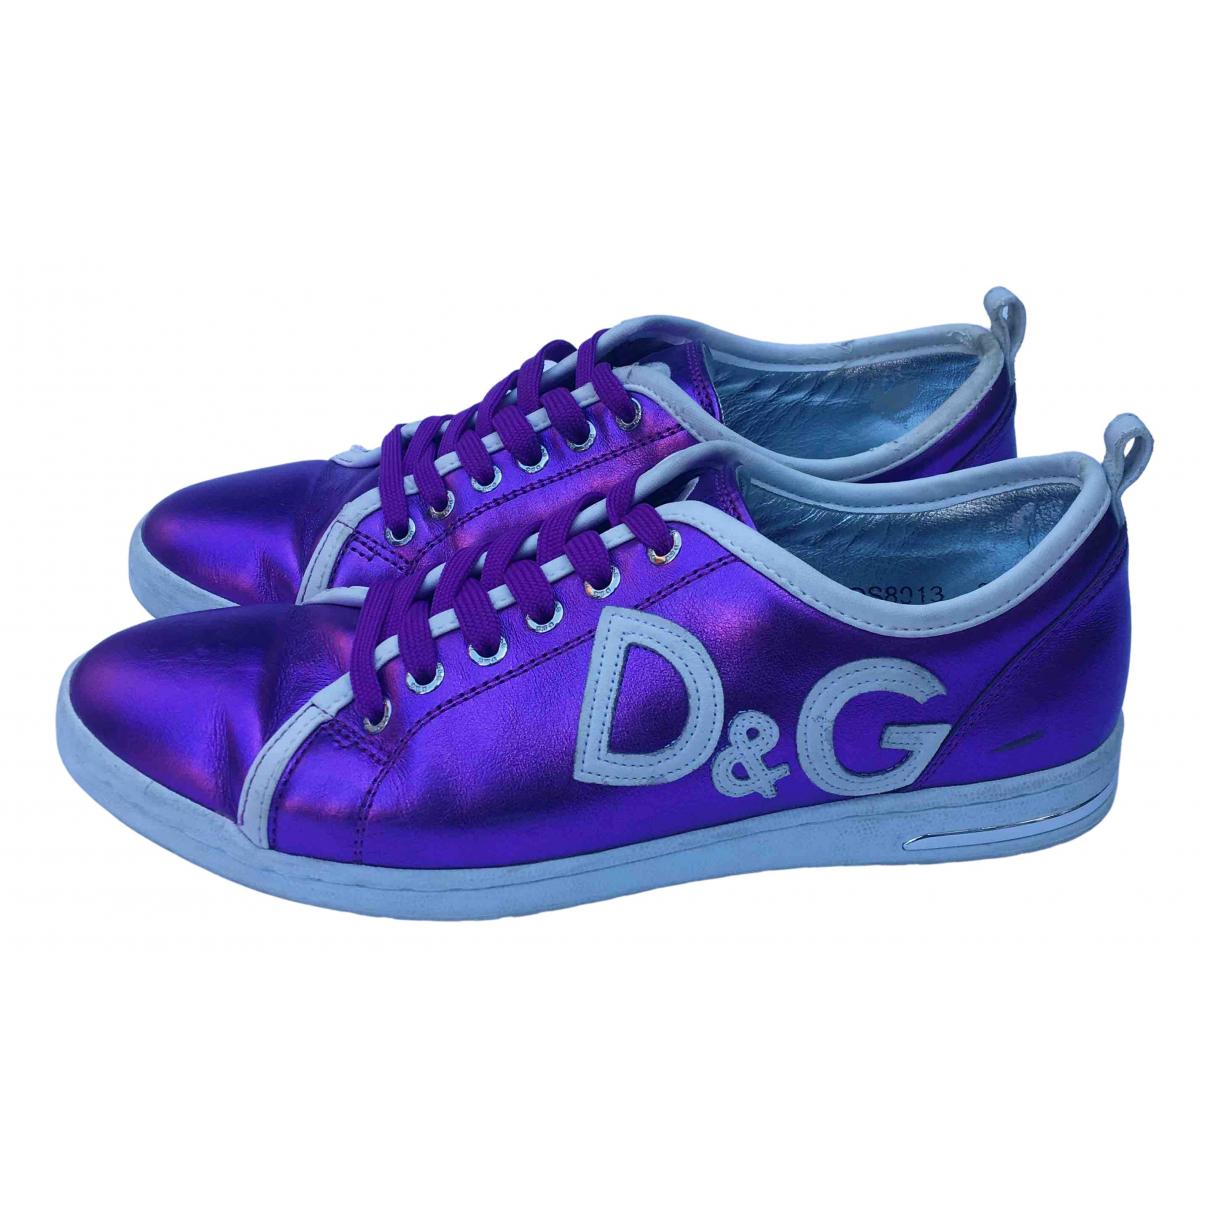 D&g \N Sneakers in  Metallic Leder